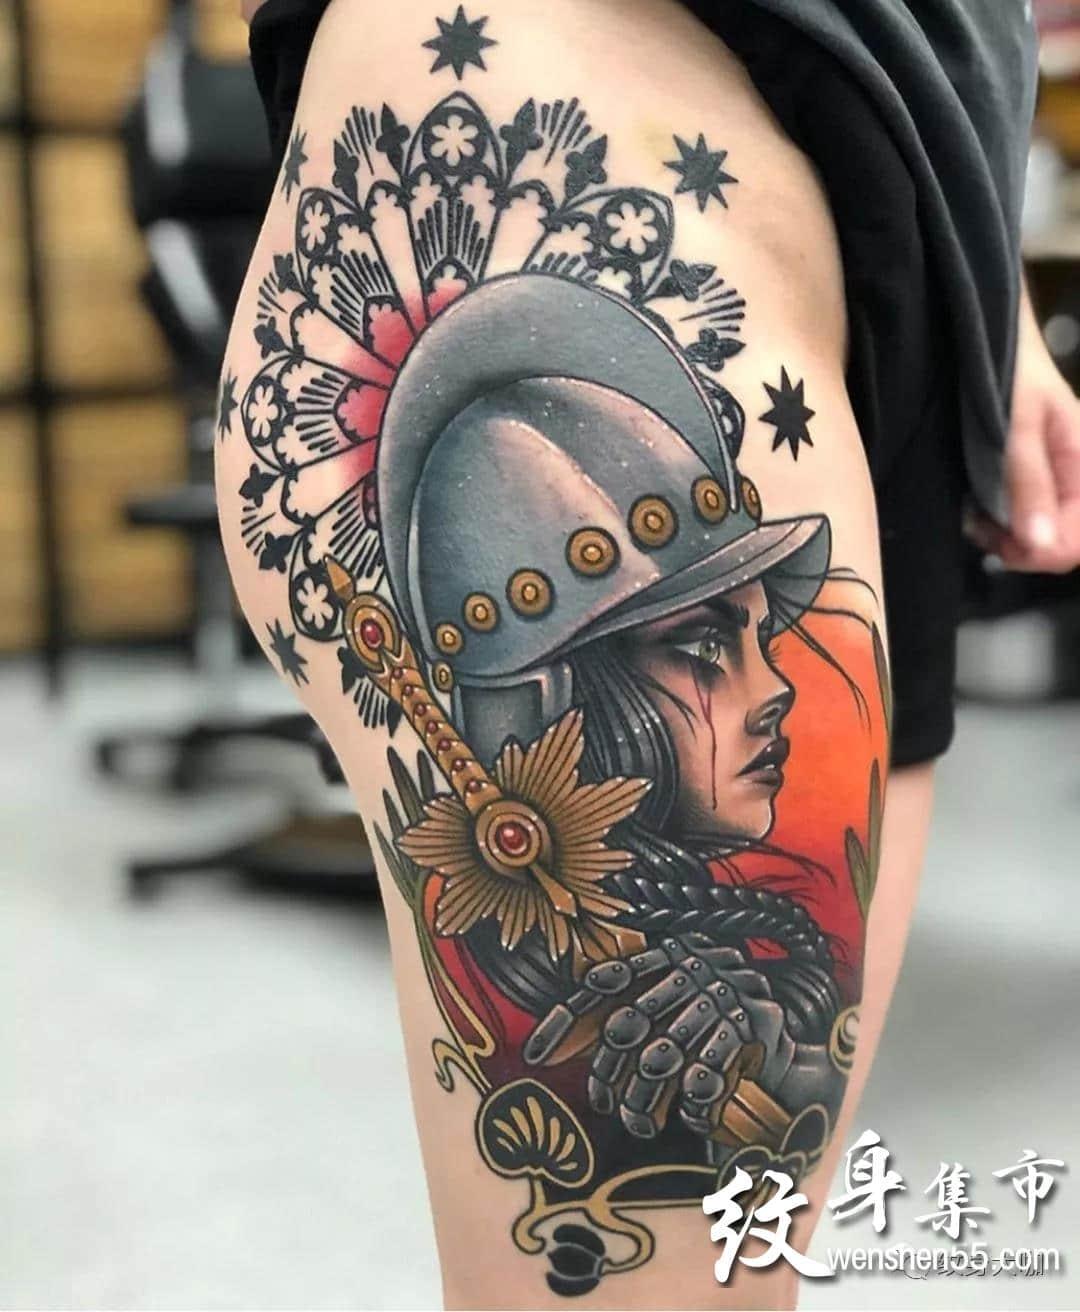 武士纹身,武士纹身手稿,武士纹身手稿图案